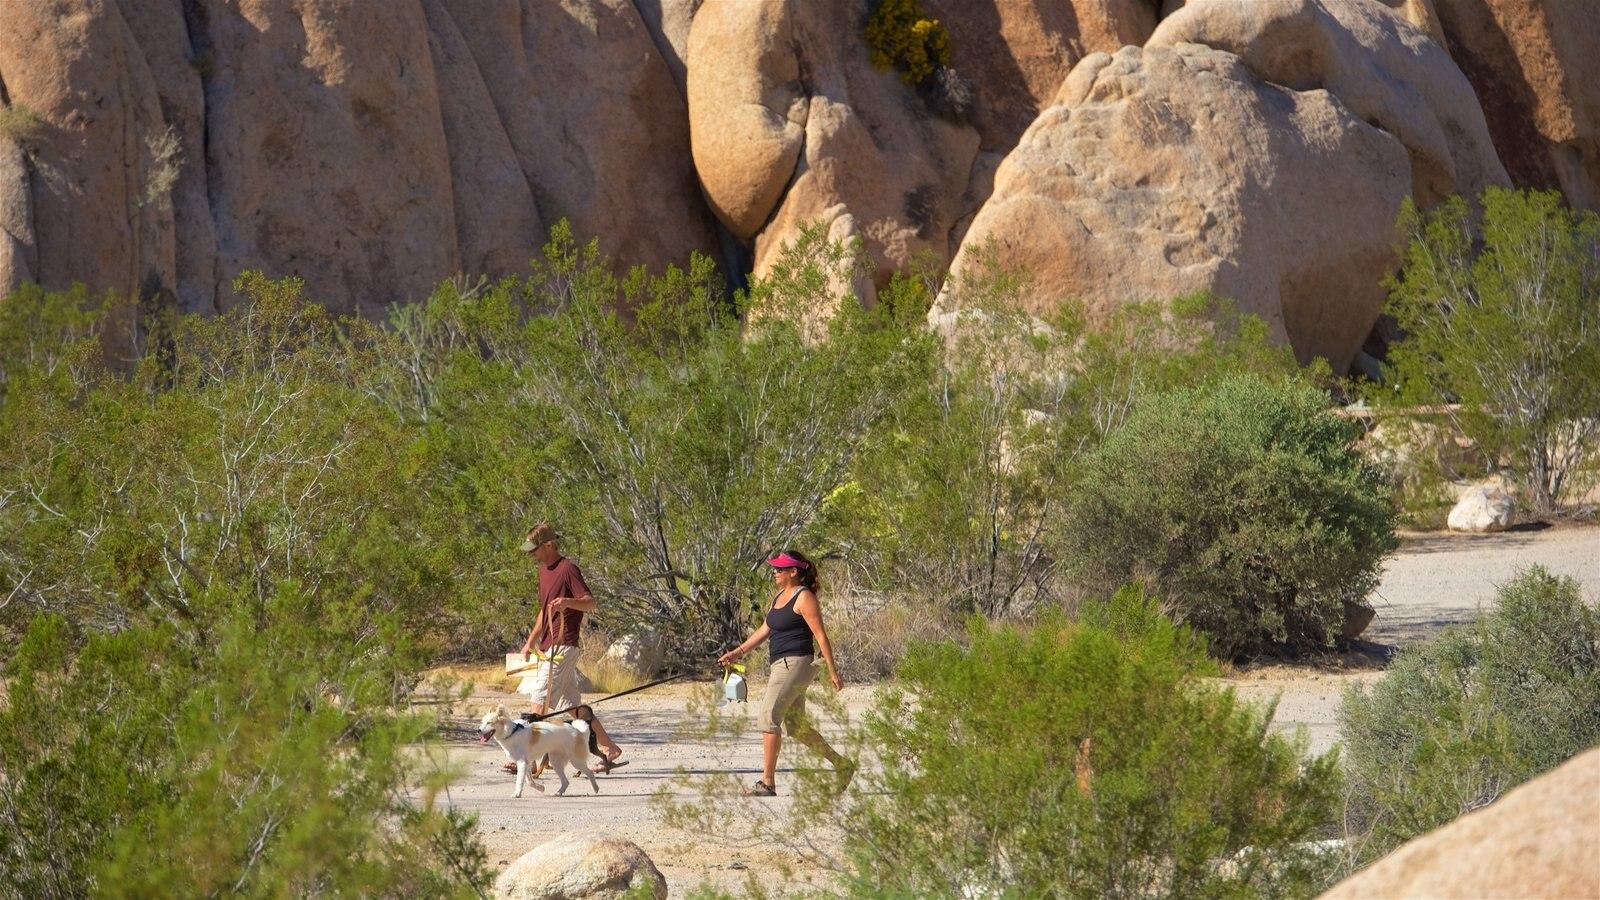 Condado de Riverside ofreciendo vistas al desierto y animales tiernos y también una pareja